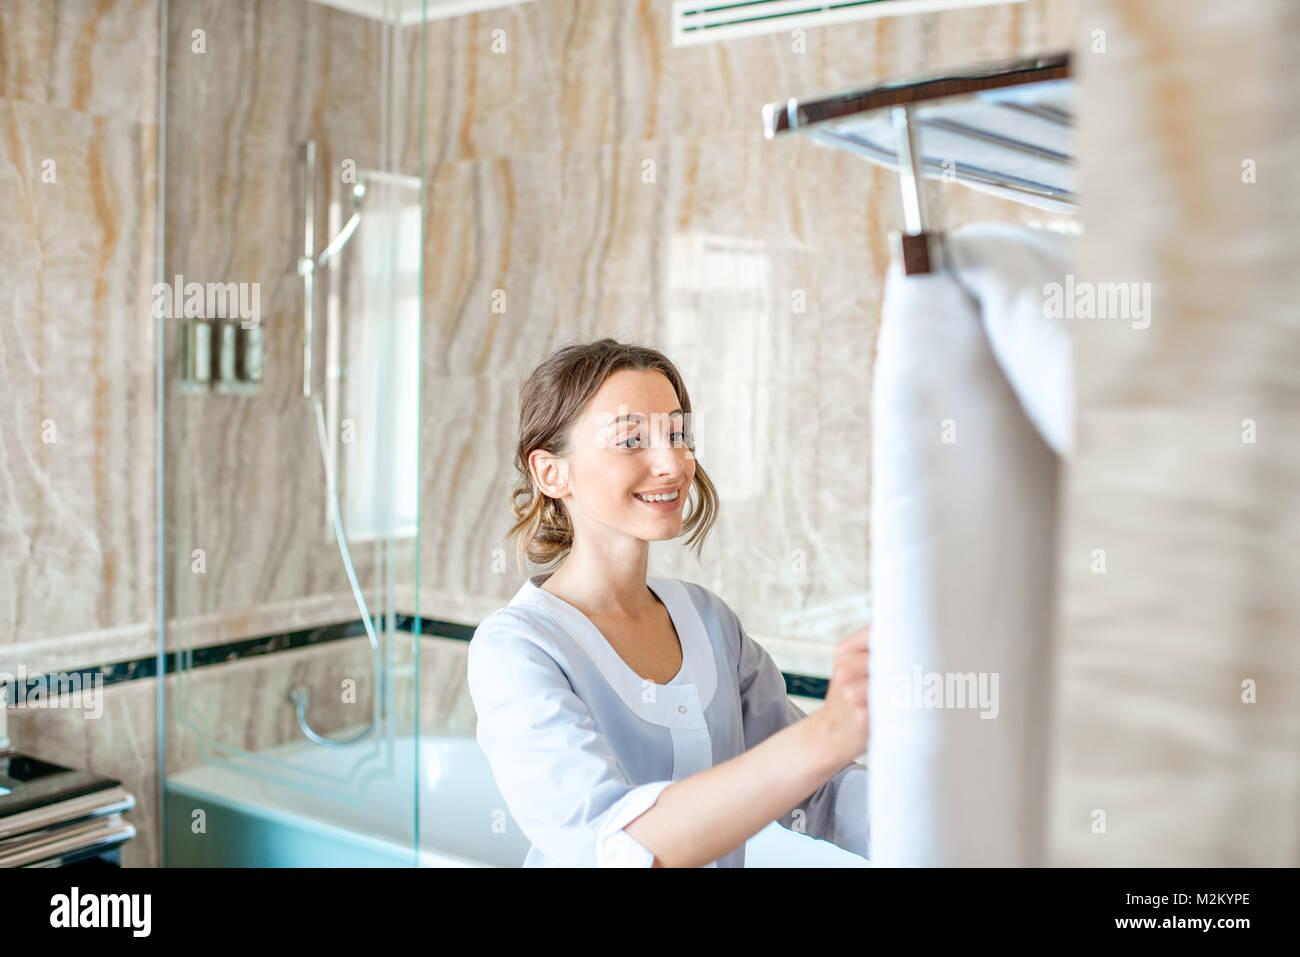 Zimmermädchen im Hotel Bad Stockfoto